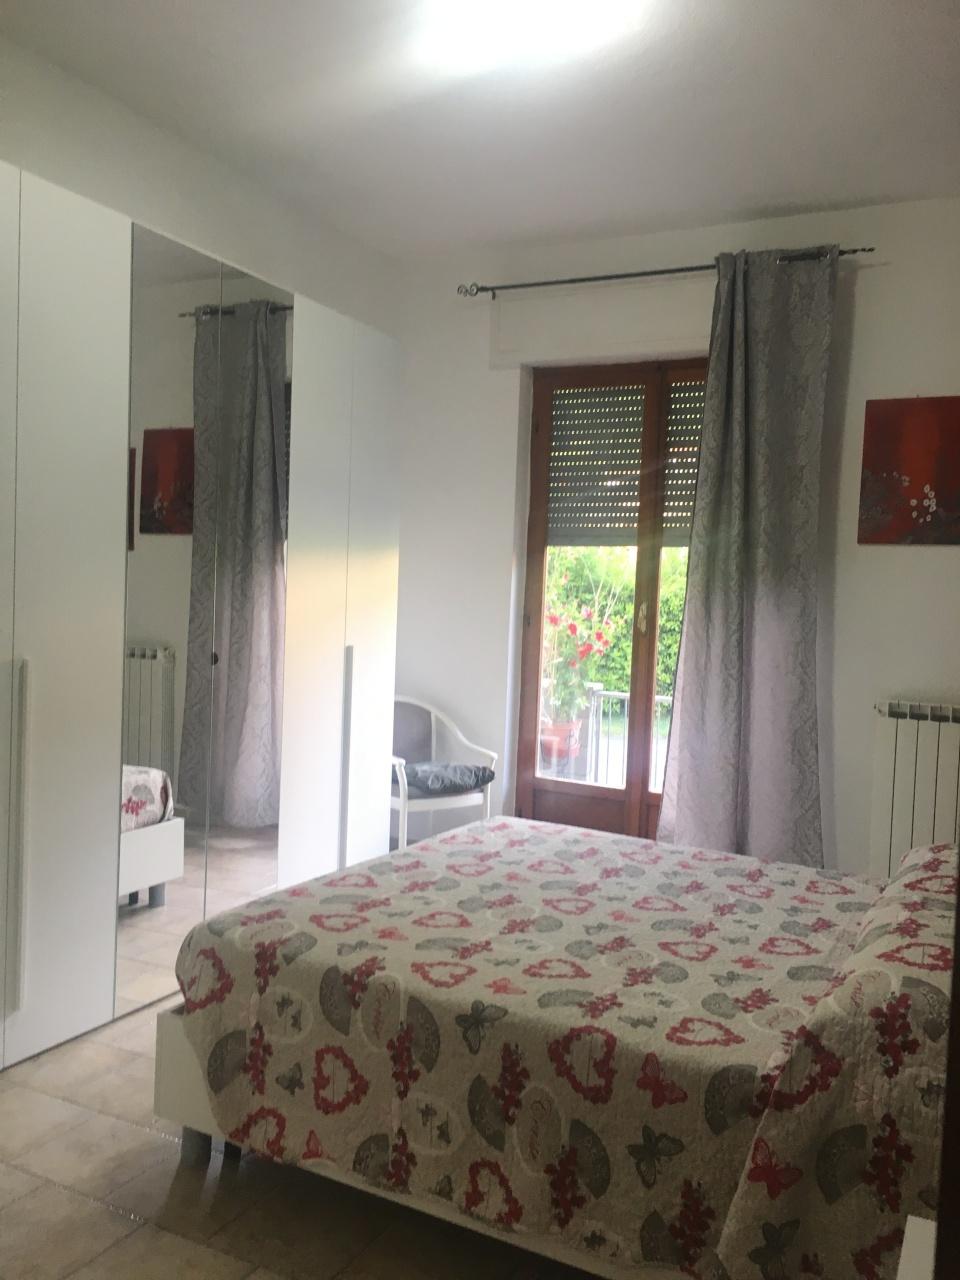 Soluzione Semindipendente in affitto a Riccò del Golfo di Spezia, 4 locali, prezzo € 500 | PortaleAgenzieImmobiliari.it